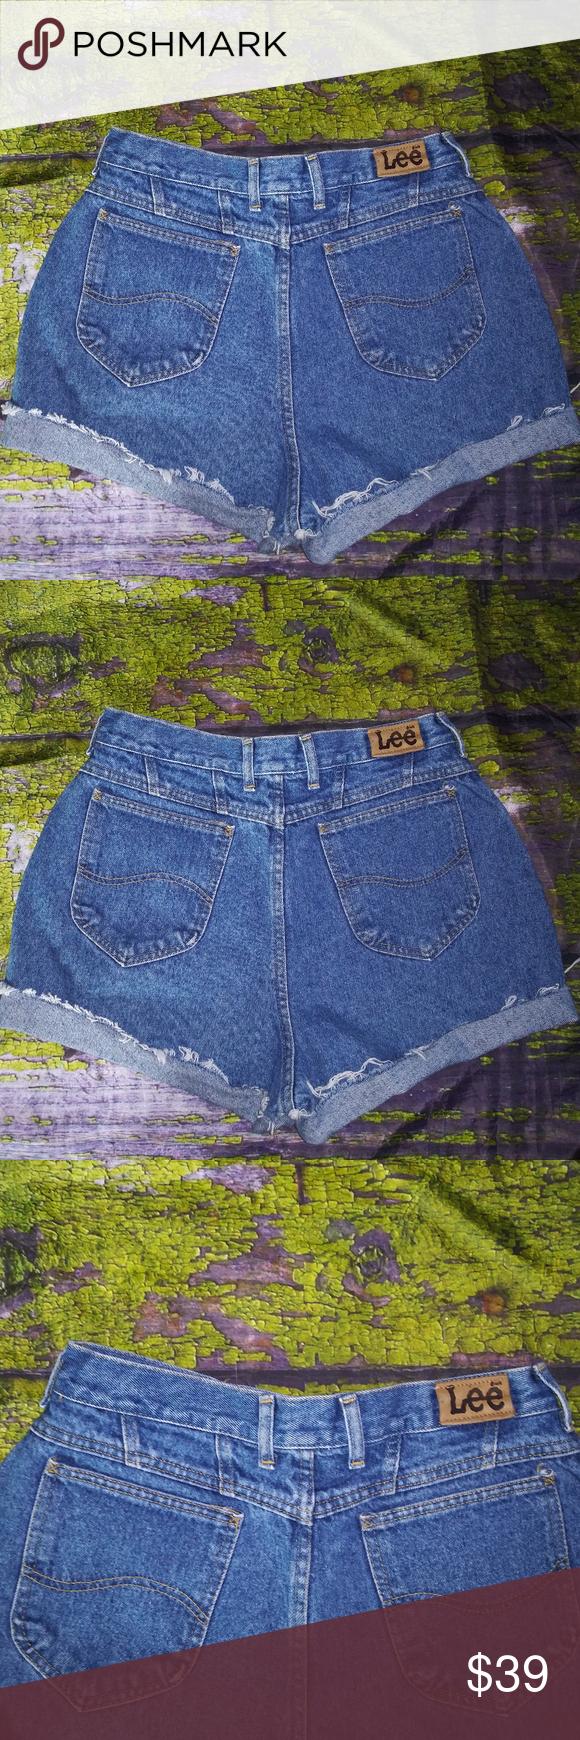 Lee 31 High Waist Medium Wash Vtg Shorts